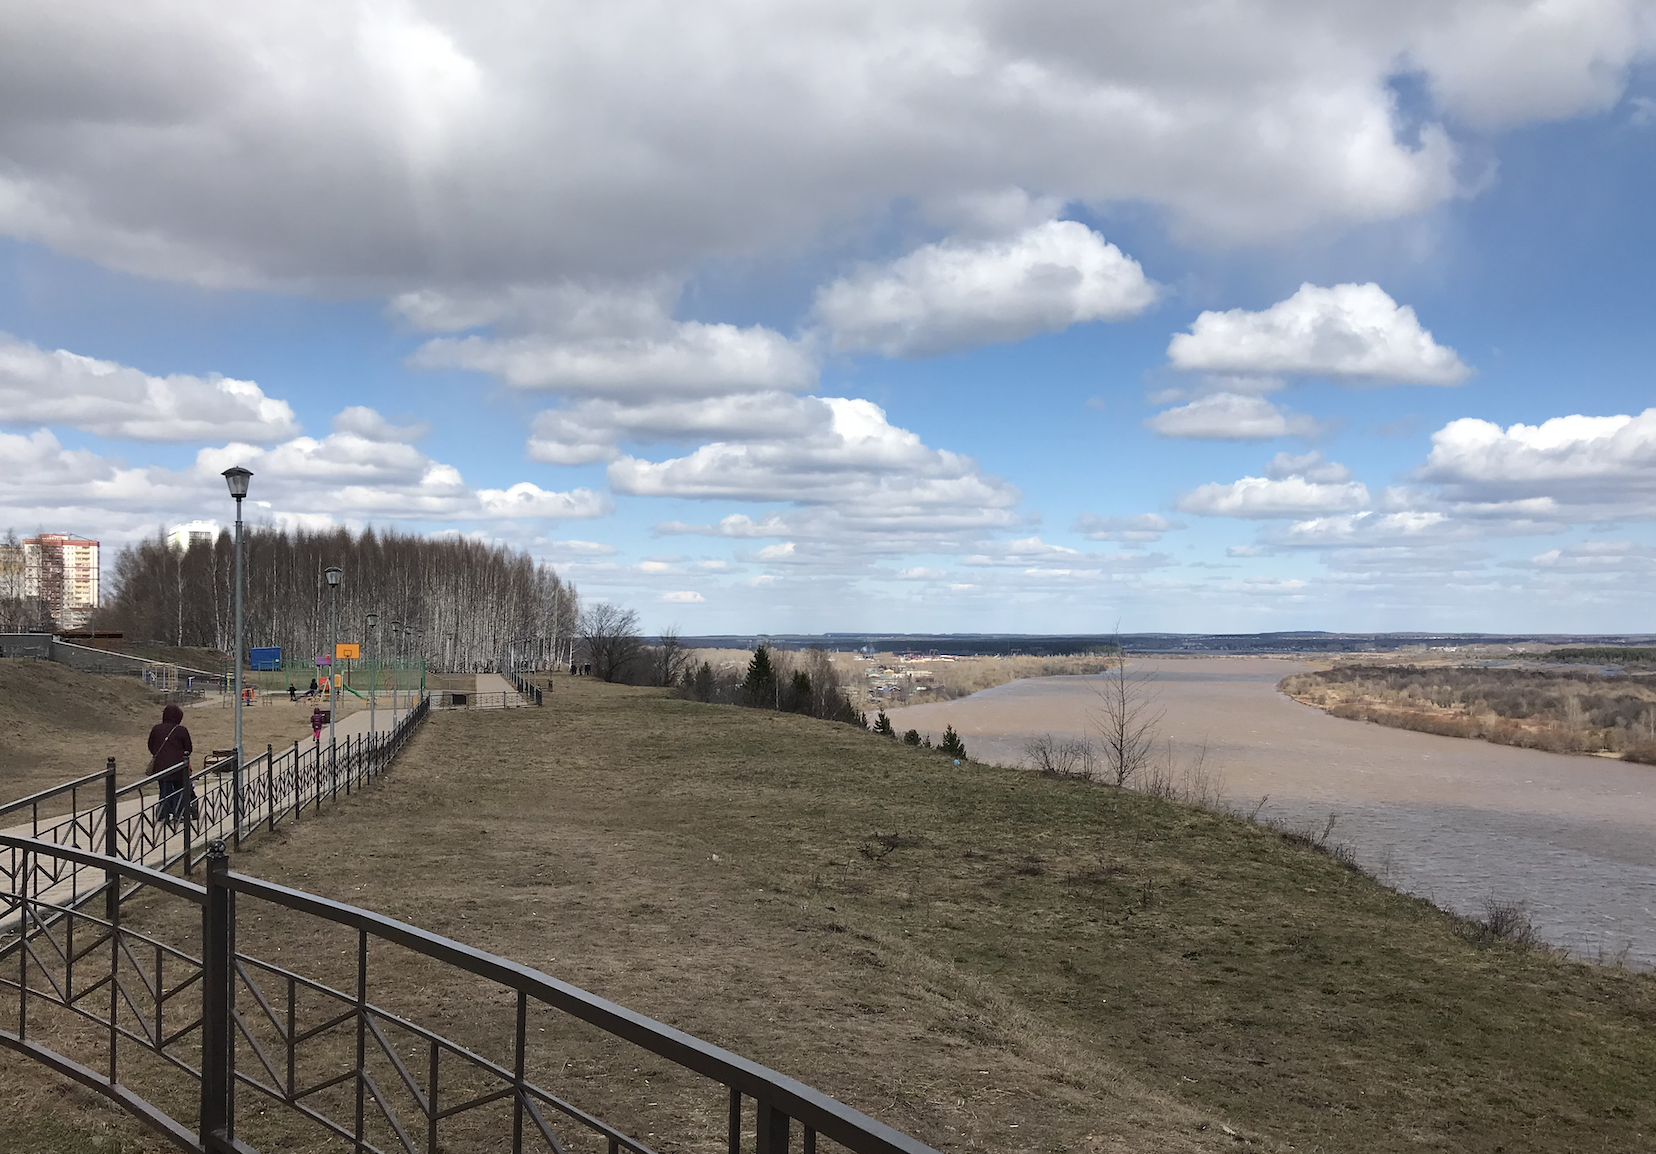 ТОП-5 самых читаемых новостей Kirov.ru этой недели